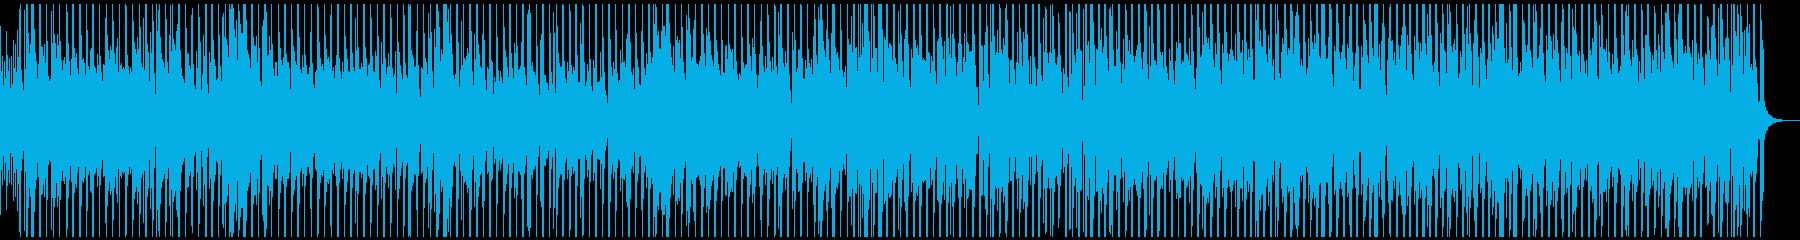 グロッケンとウクレレの楽しいシャッフルの再生済みの波形